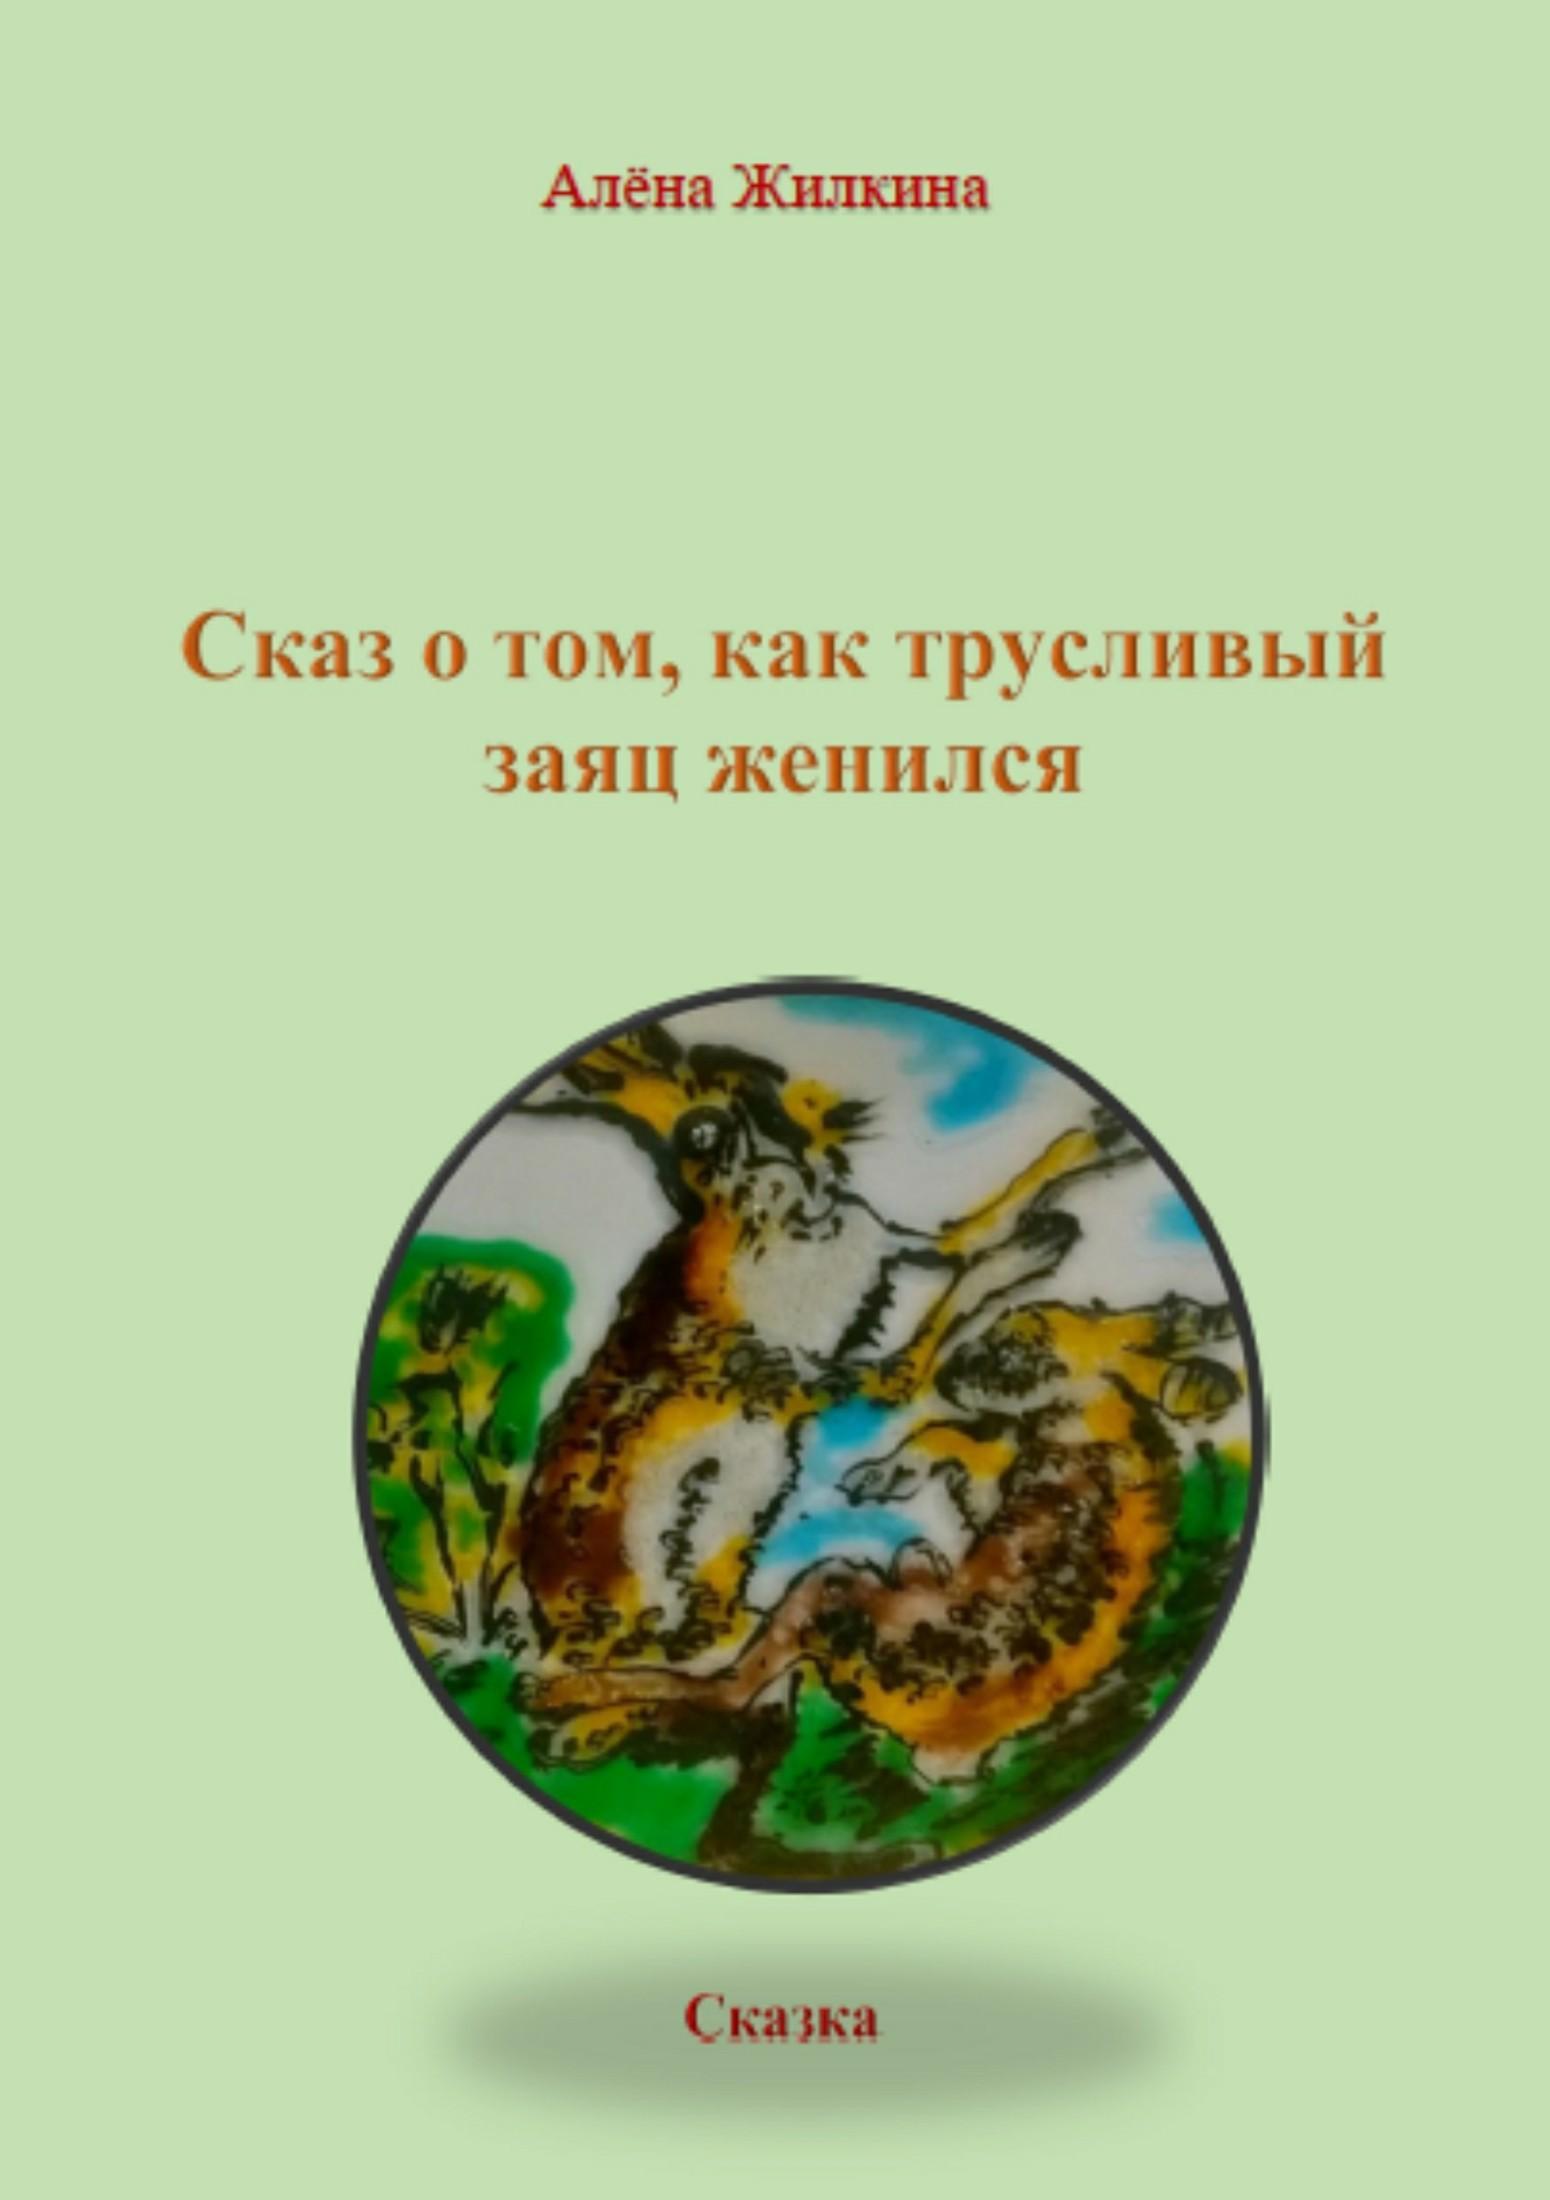 Обложка книги Сказ о том, как трусливый заяц женился, автор Алёна Жилкина